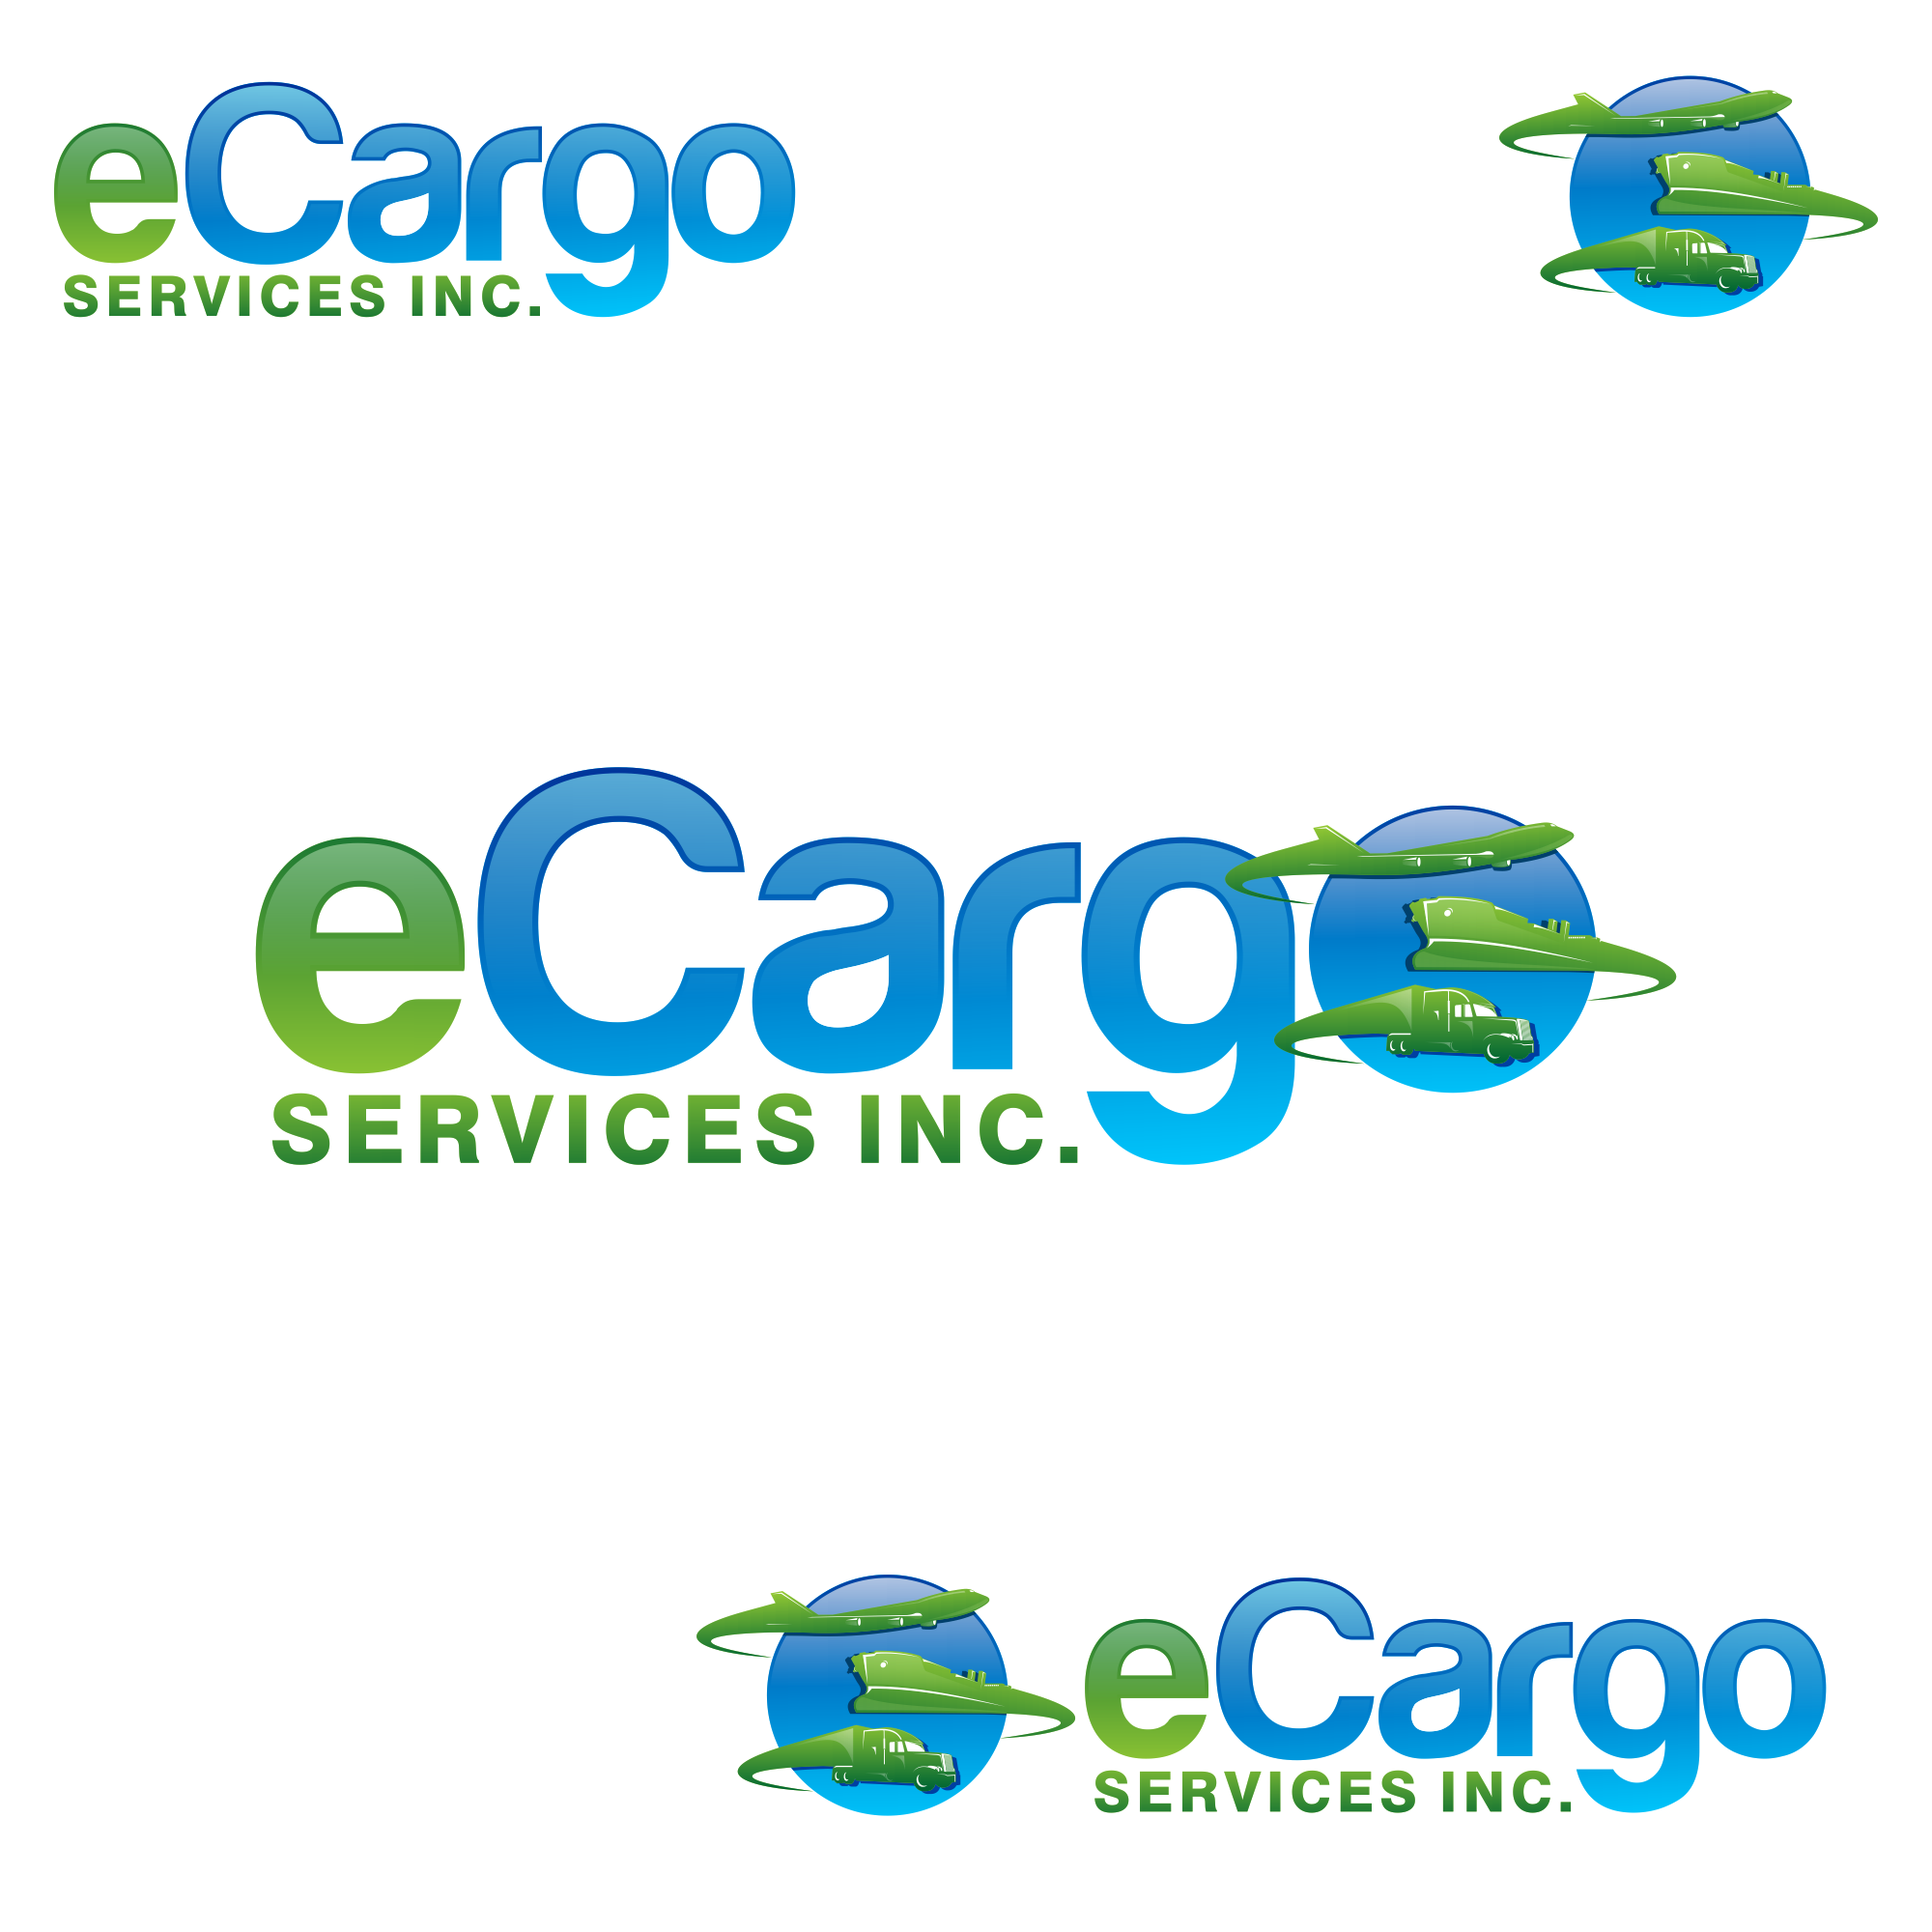 logo for eCargo Services, Inc.